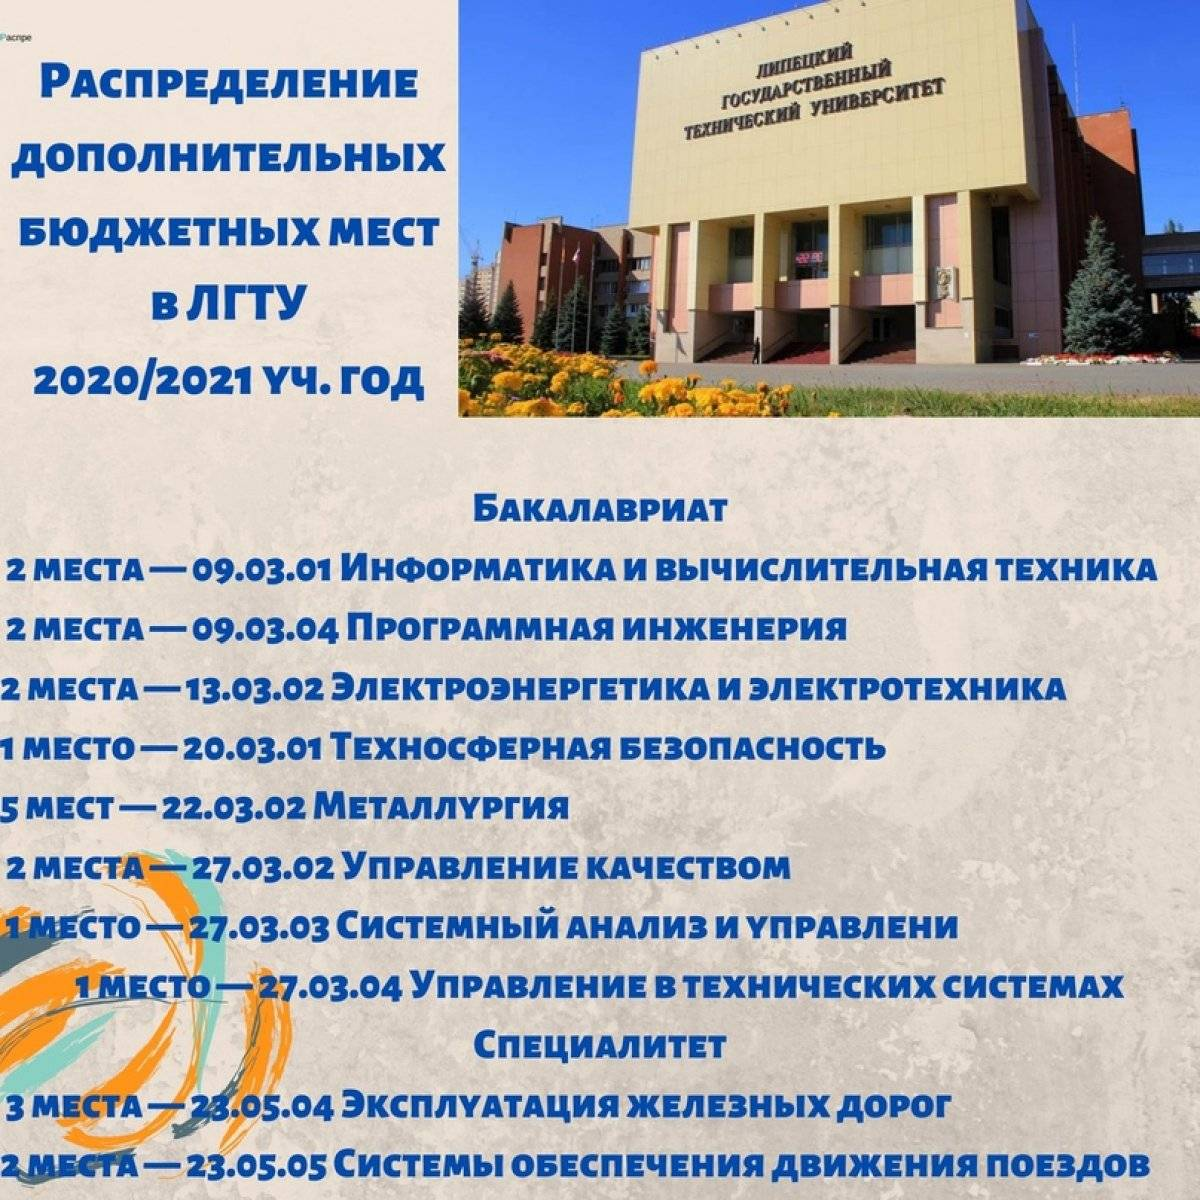 Высшее образование в китае для россиян - получить китайское высшее образование